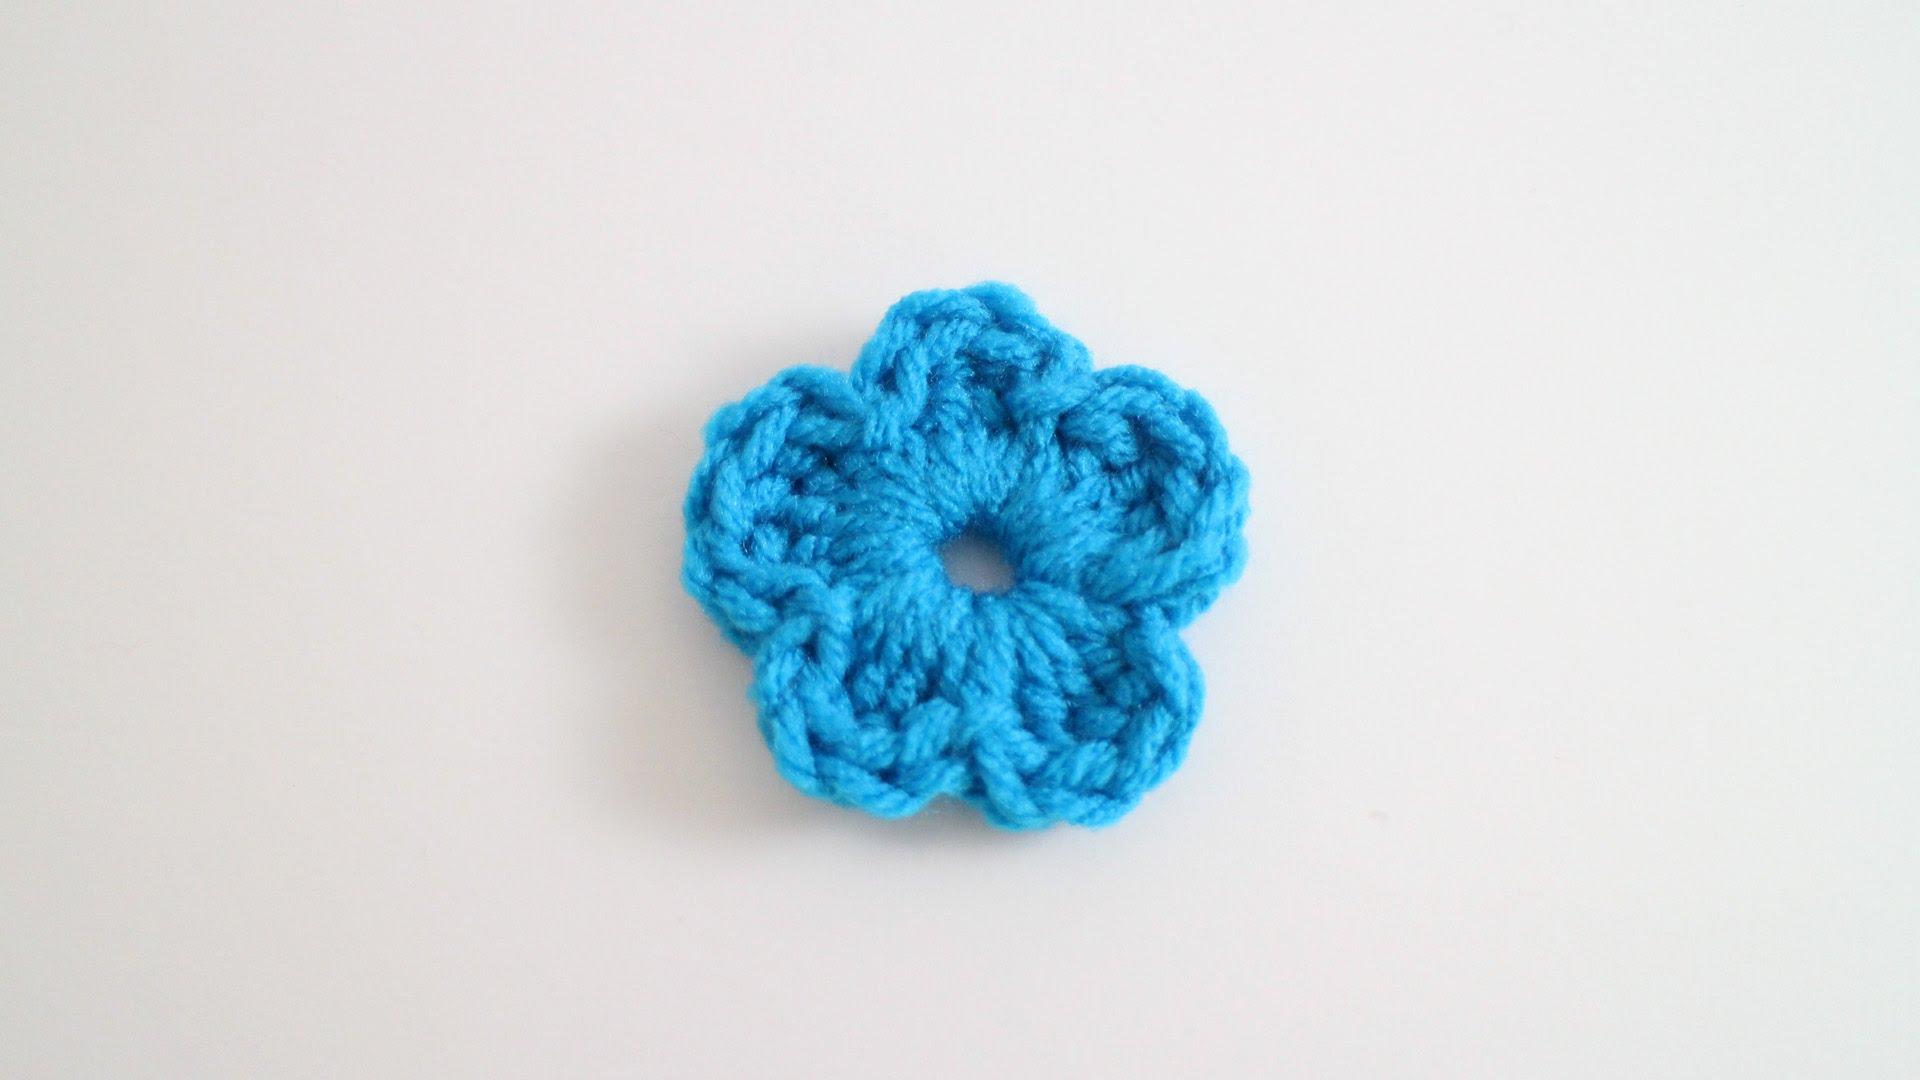 easy crochet flower - youtube lrfderx